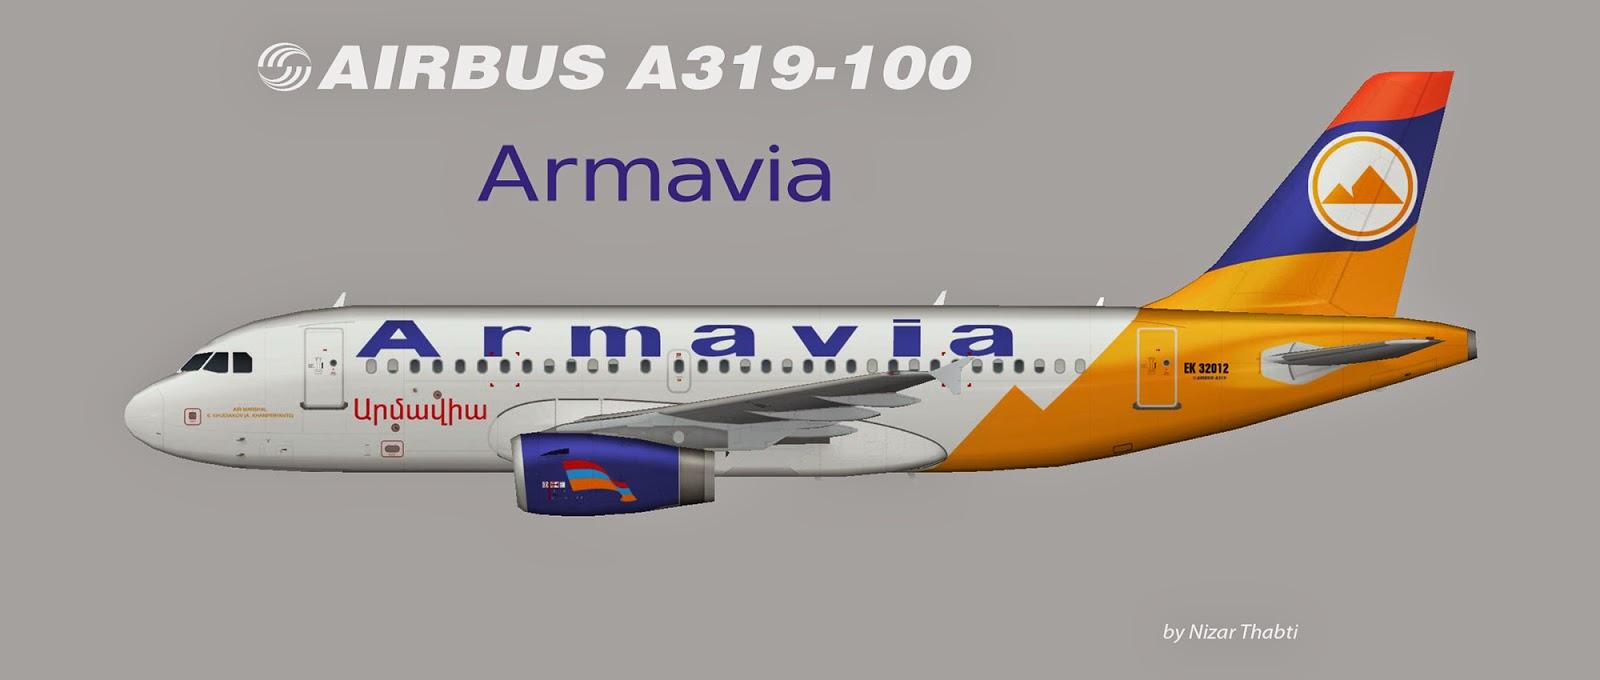 Armavia Airbus A319-100 EK32012, FAIB, FSX, FS2004, Prepar3D